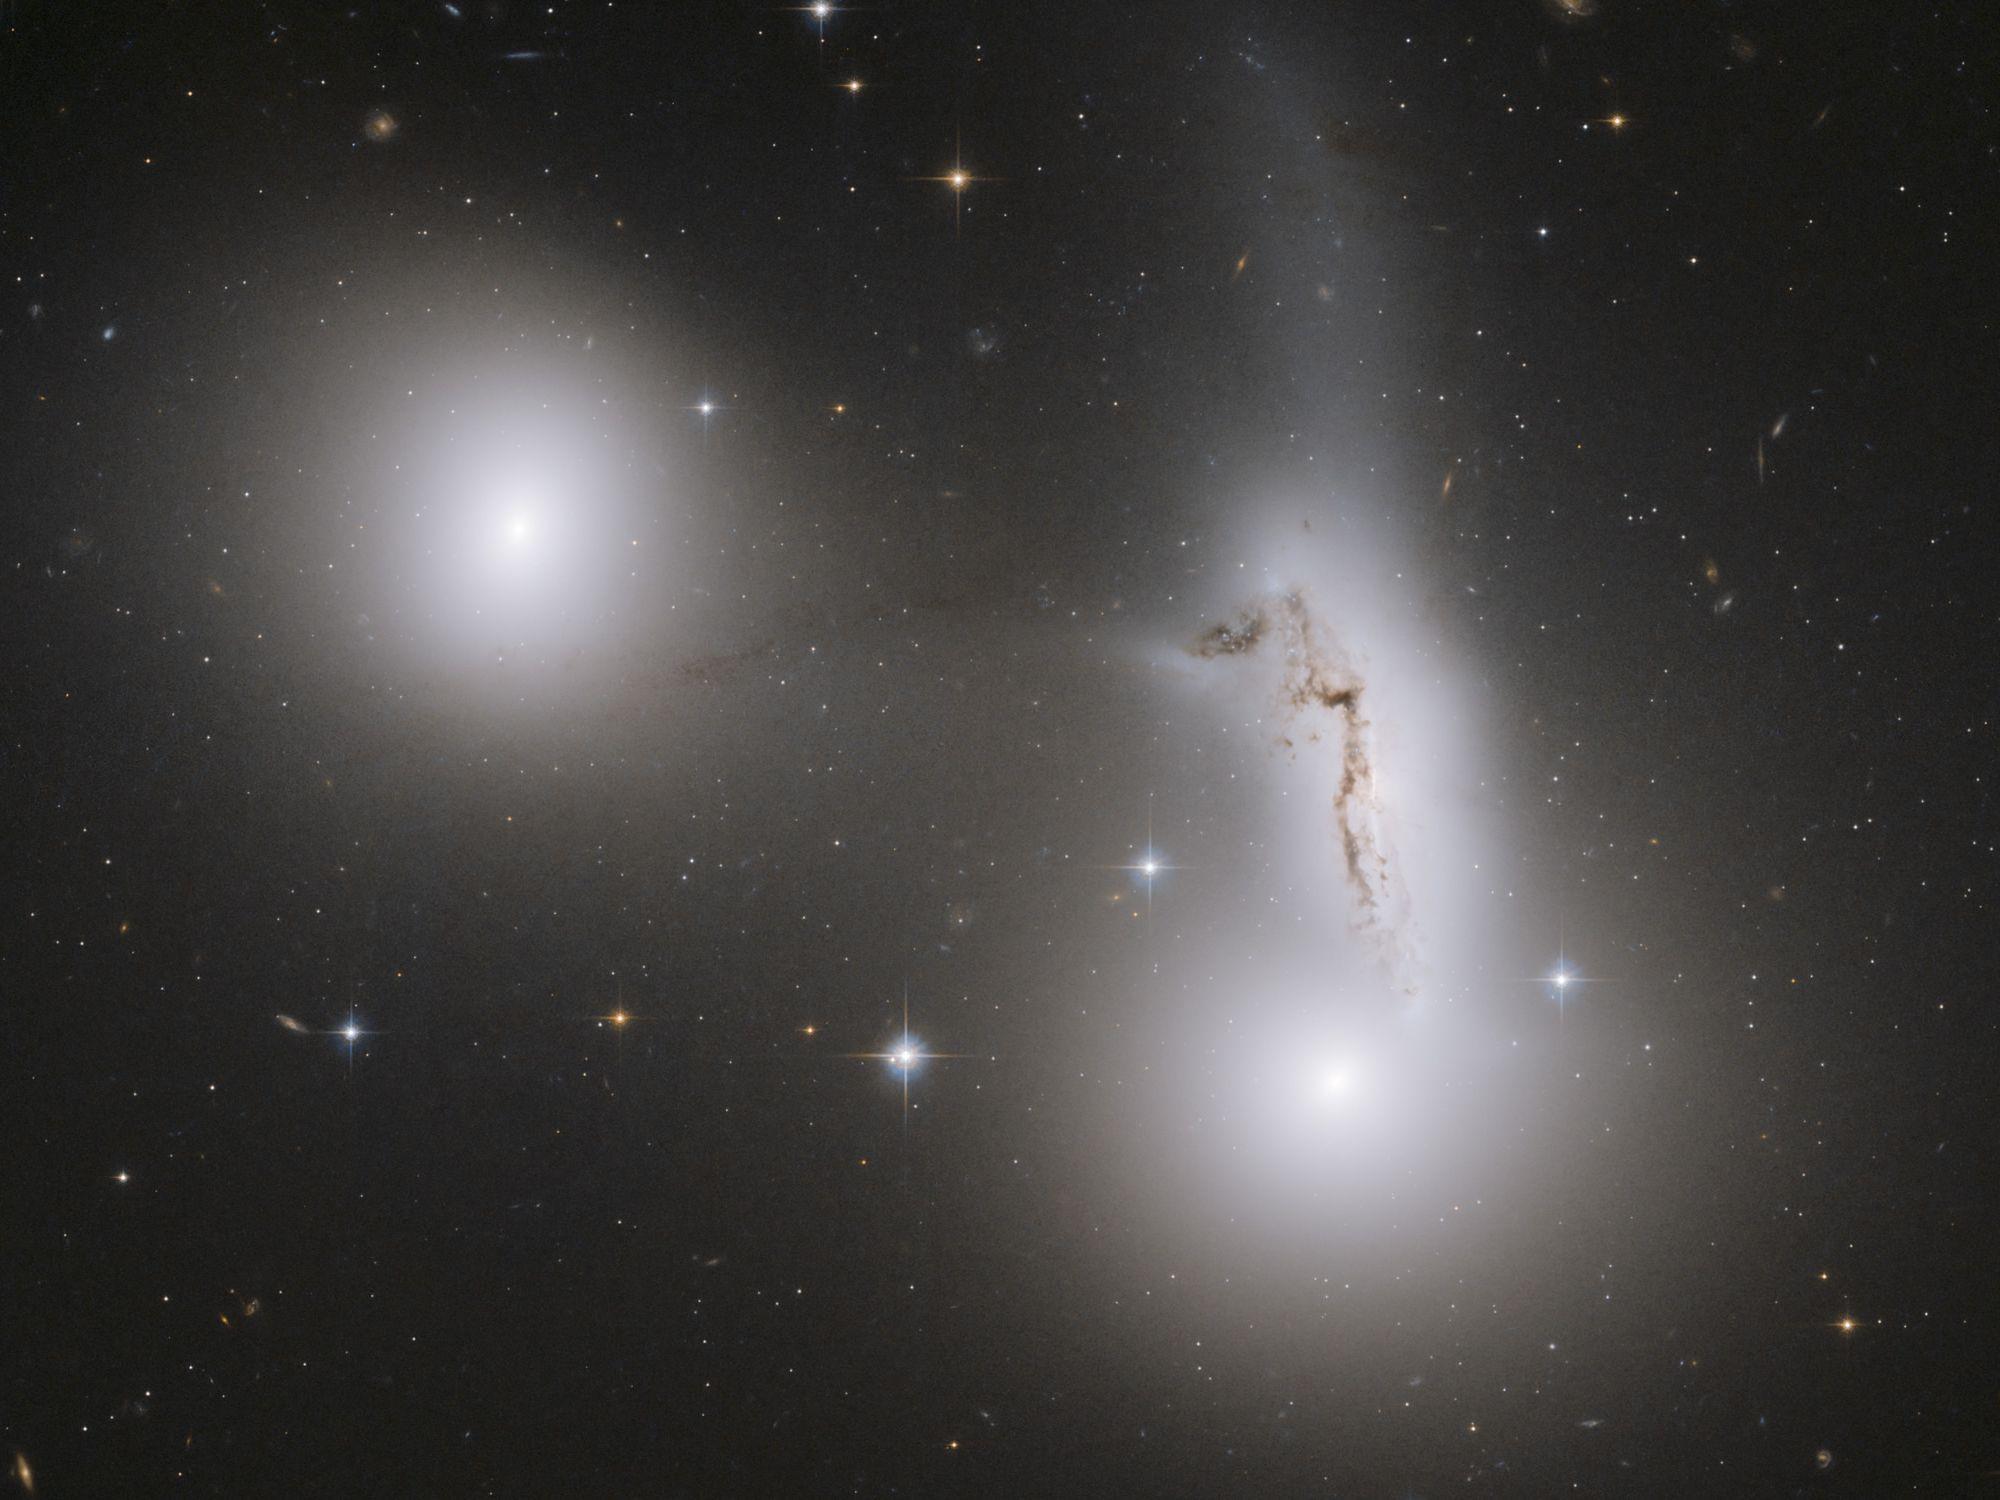 фотографии ангелов из космоса керимов все